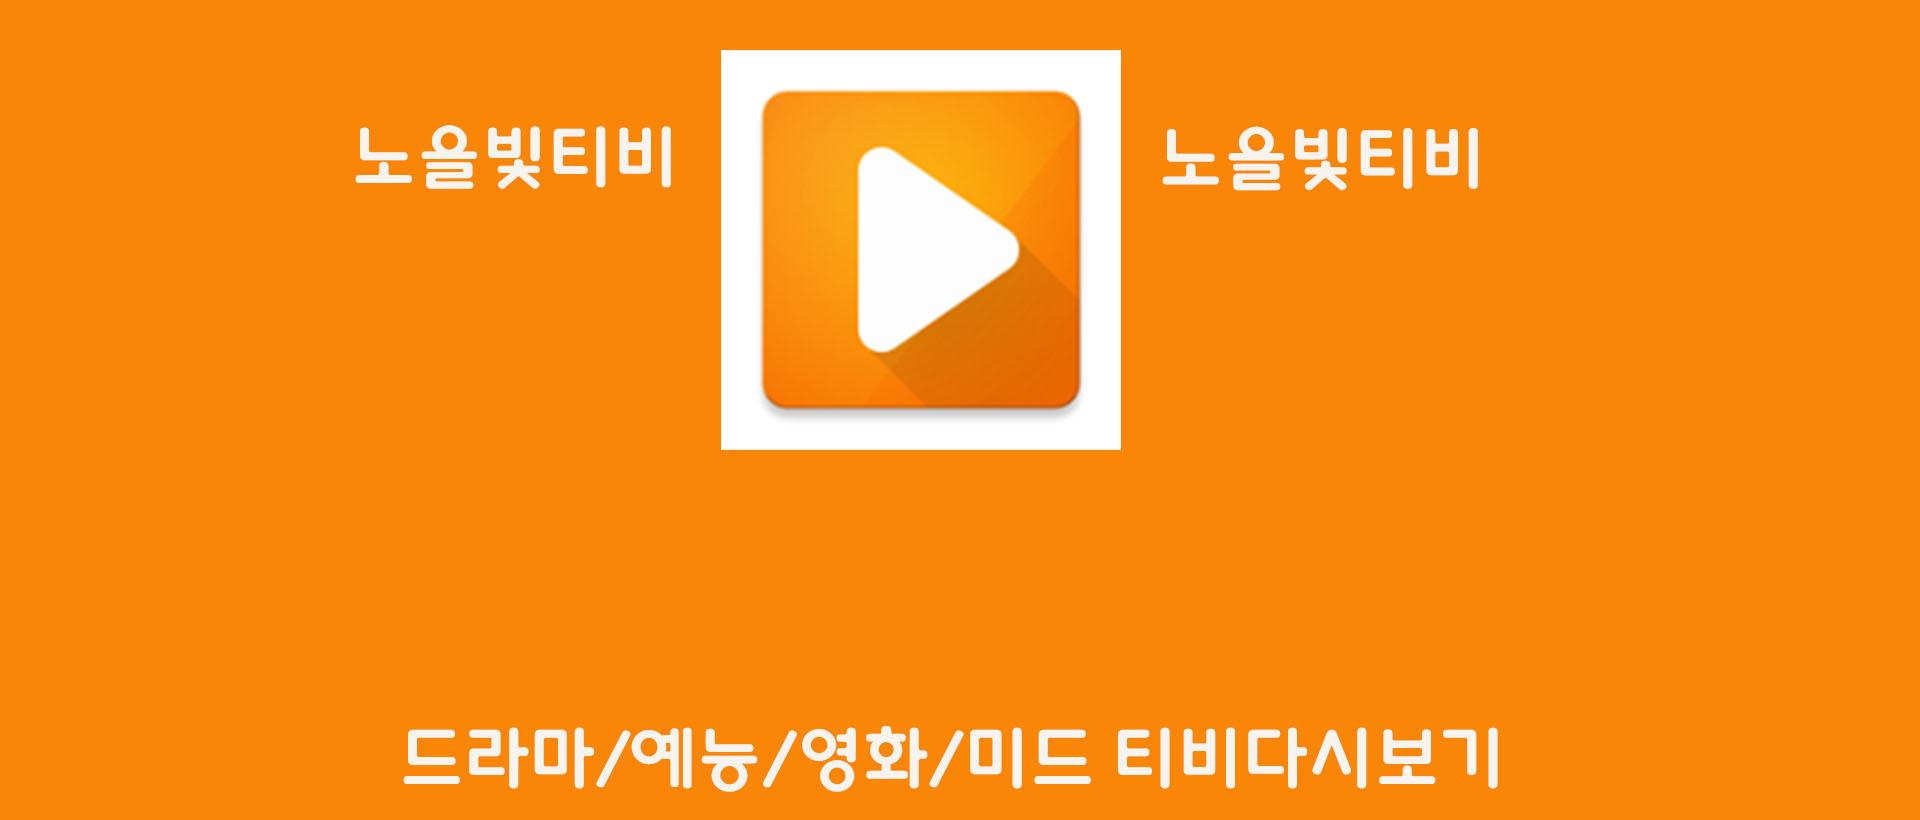 노을빛티비(드라마/예능/영화/미드 티비다시보기)